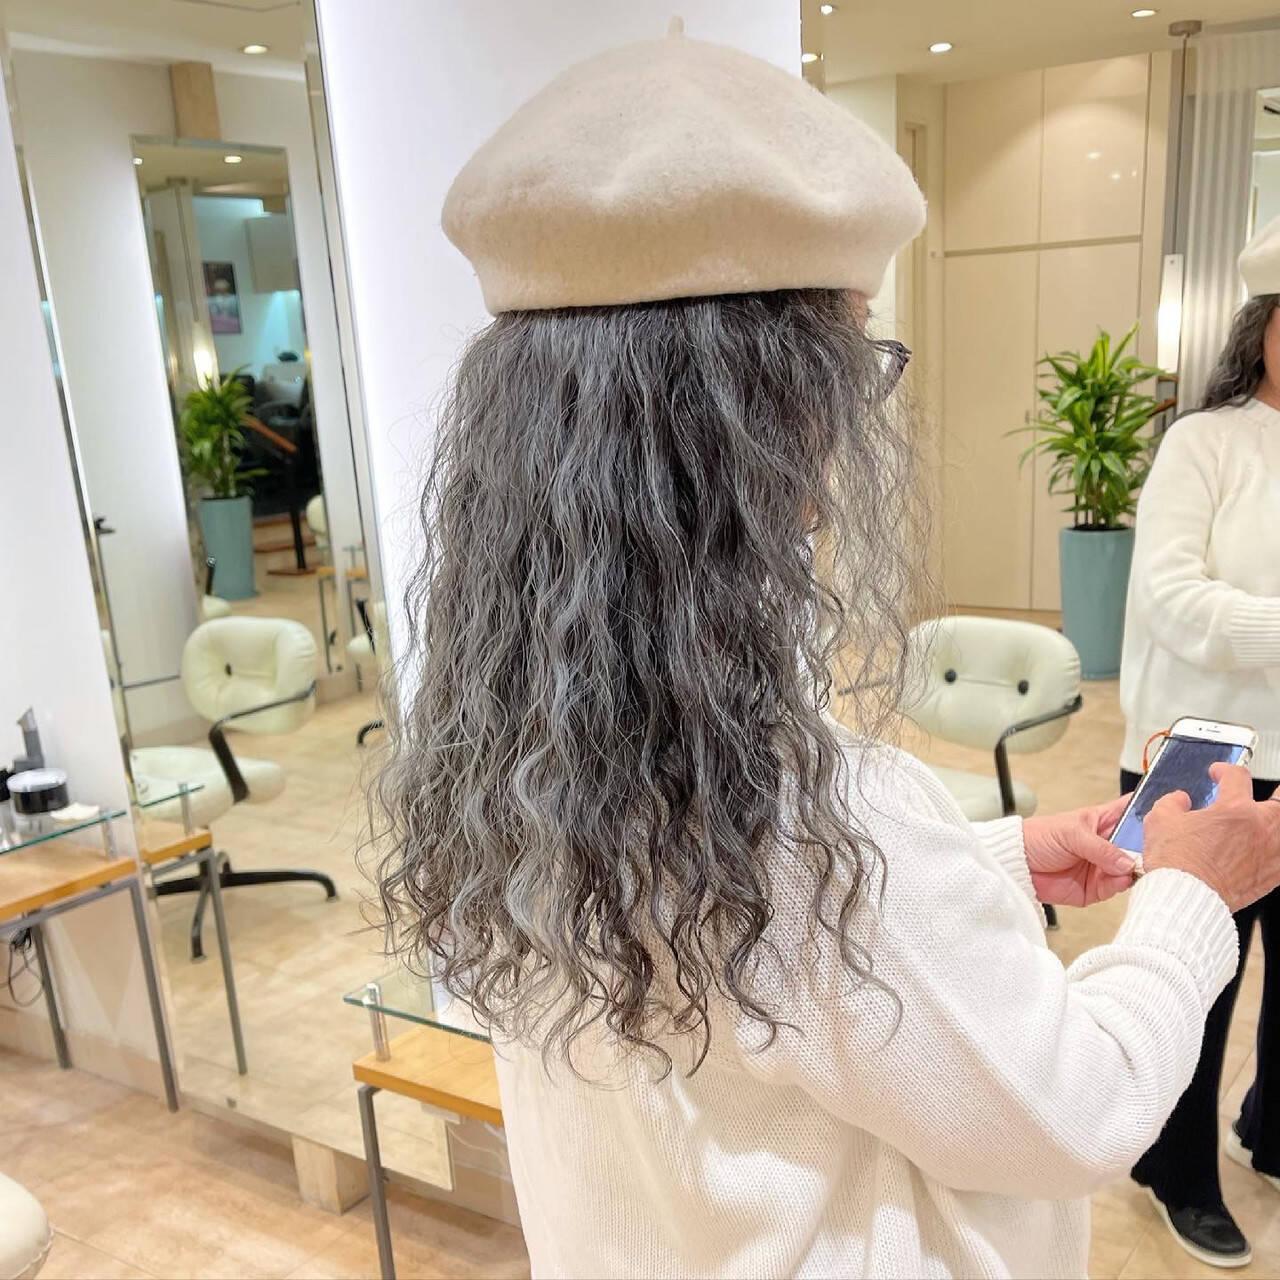 スパイラルパーマ ベレー帽 帽子アレンジ モードヘアスタイルや髪型の写真・画像